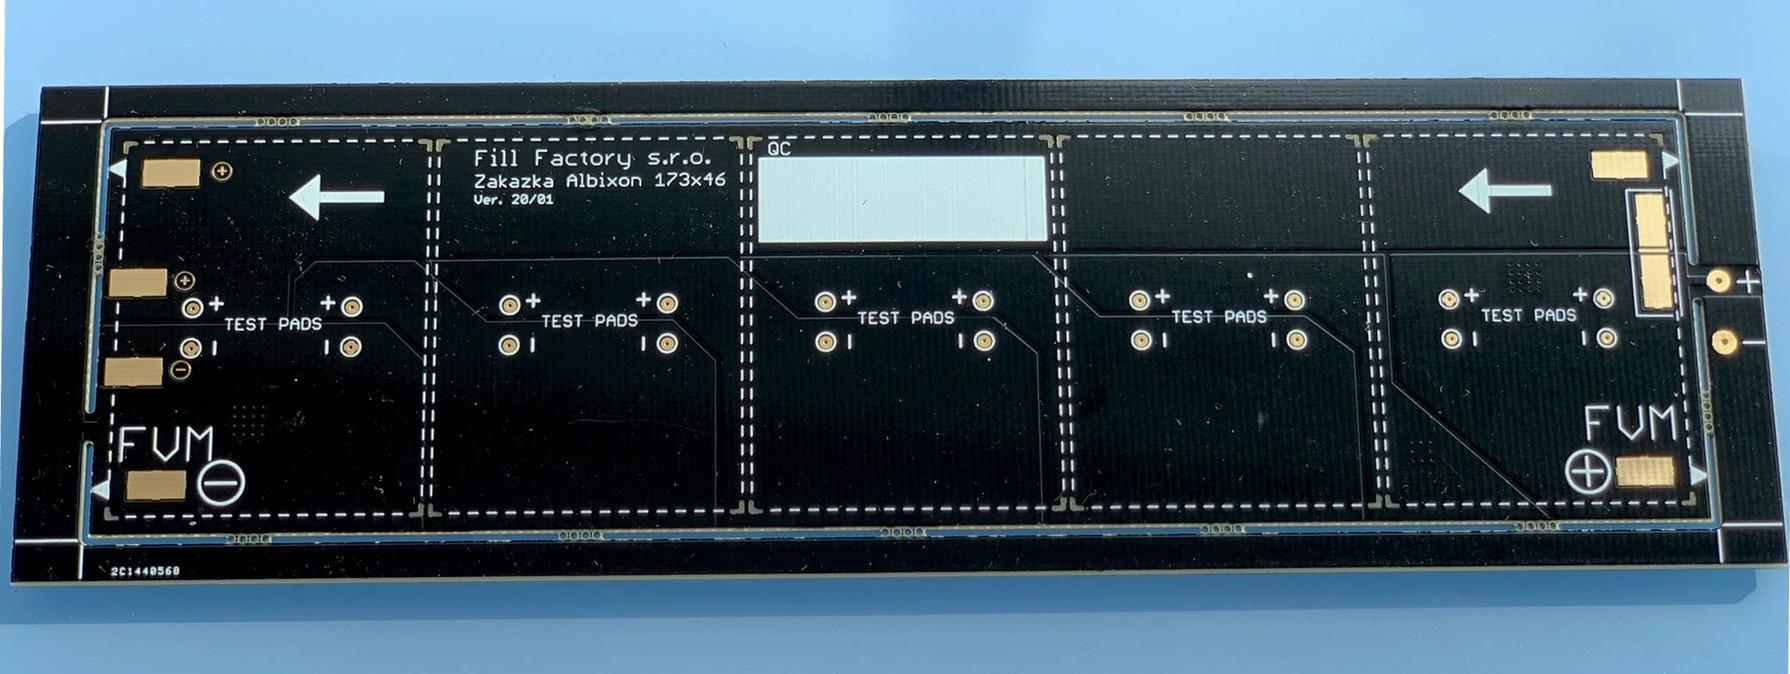 DPS pro minimodul. Zadní strana